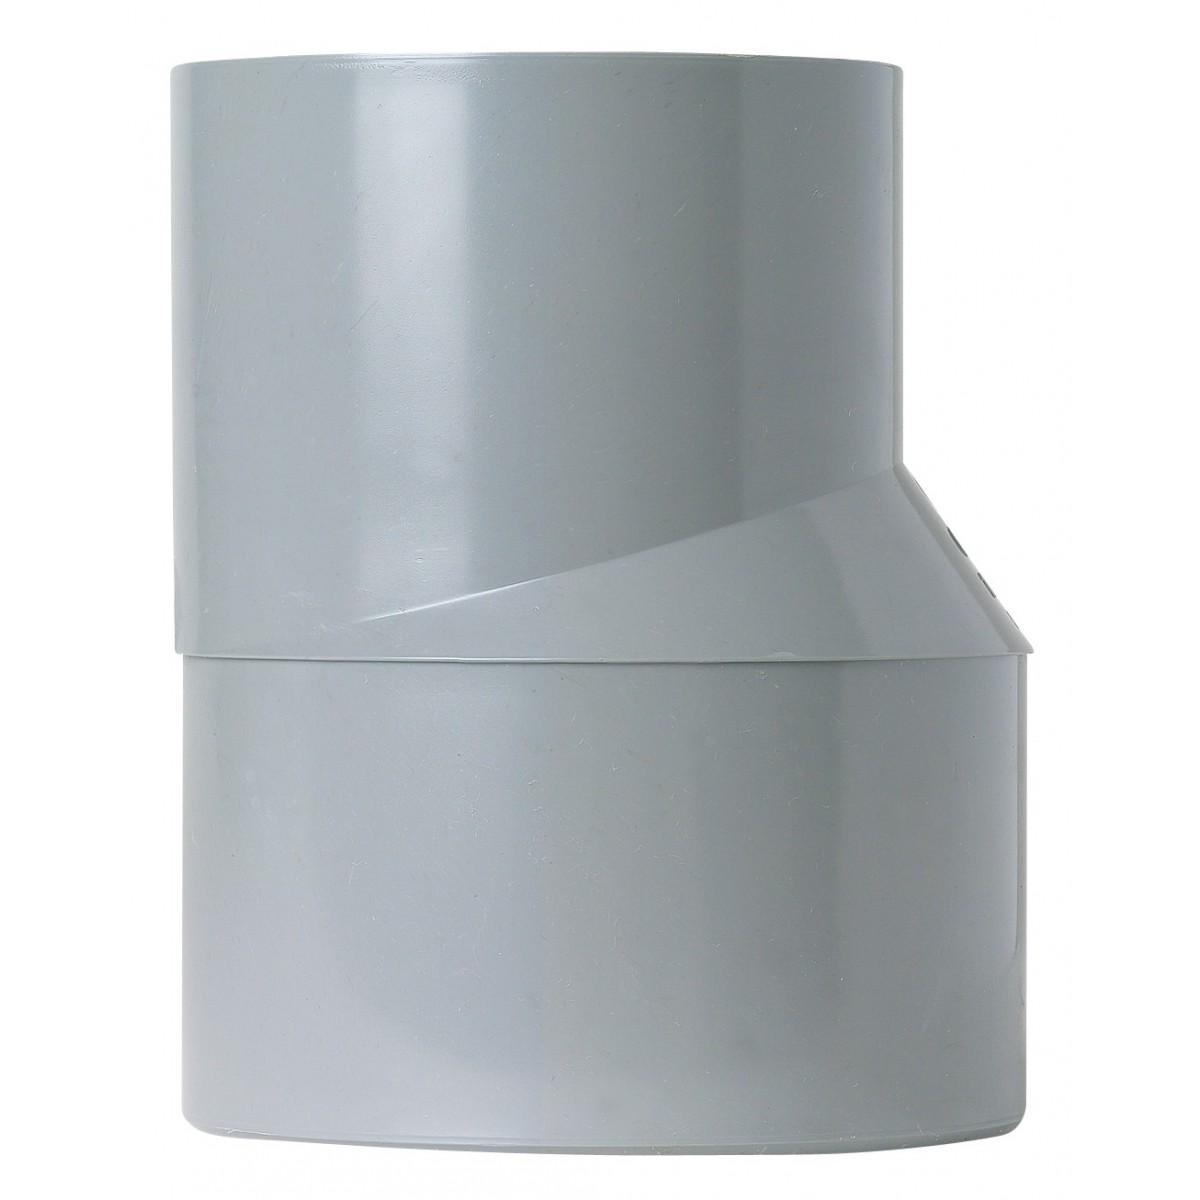 Réduction extérieure excentrée Mâle / Femelle Girpi - Diamètre 50 - 40 mm